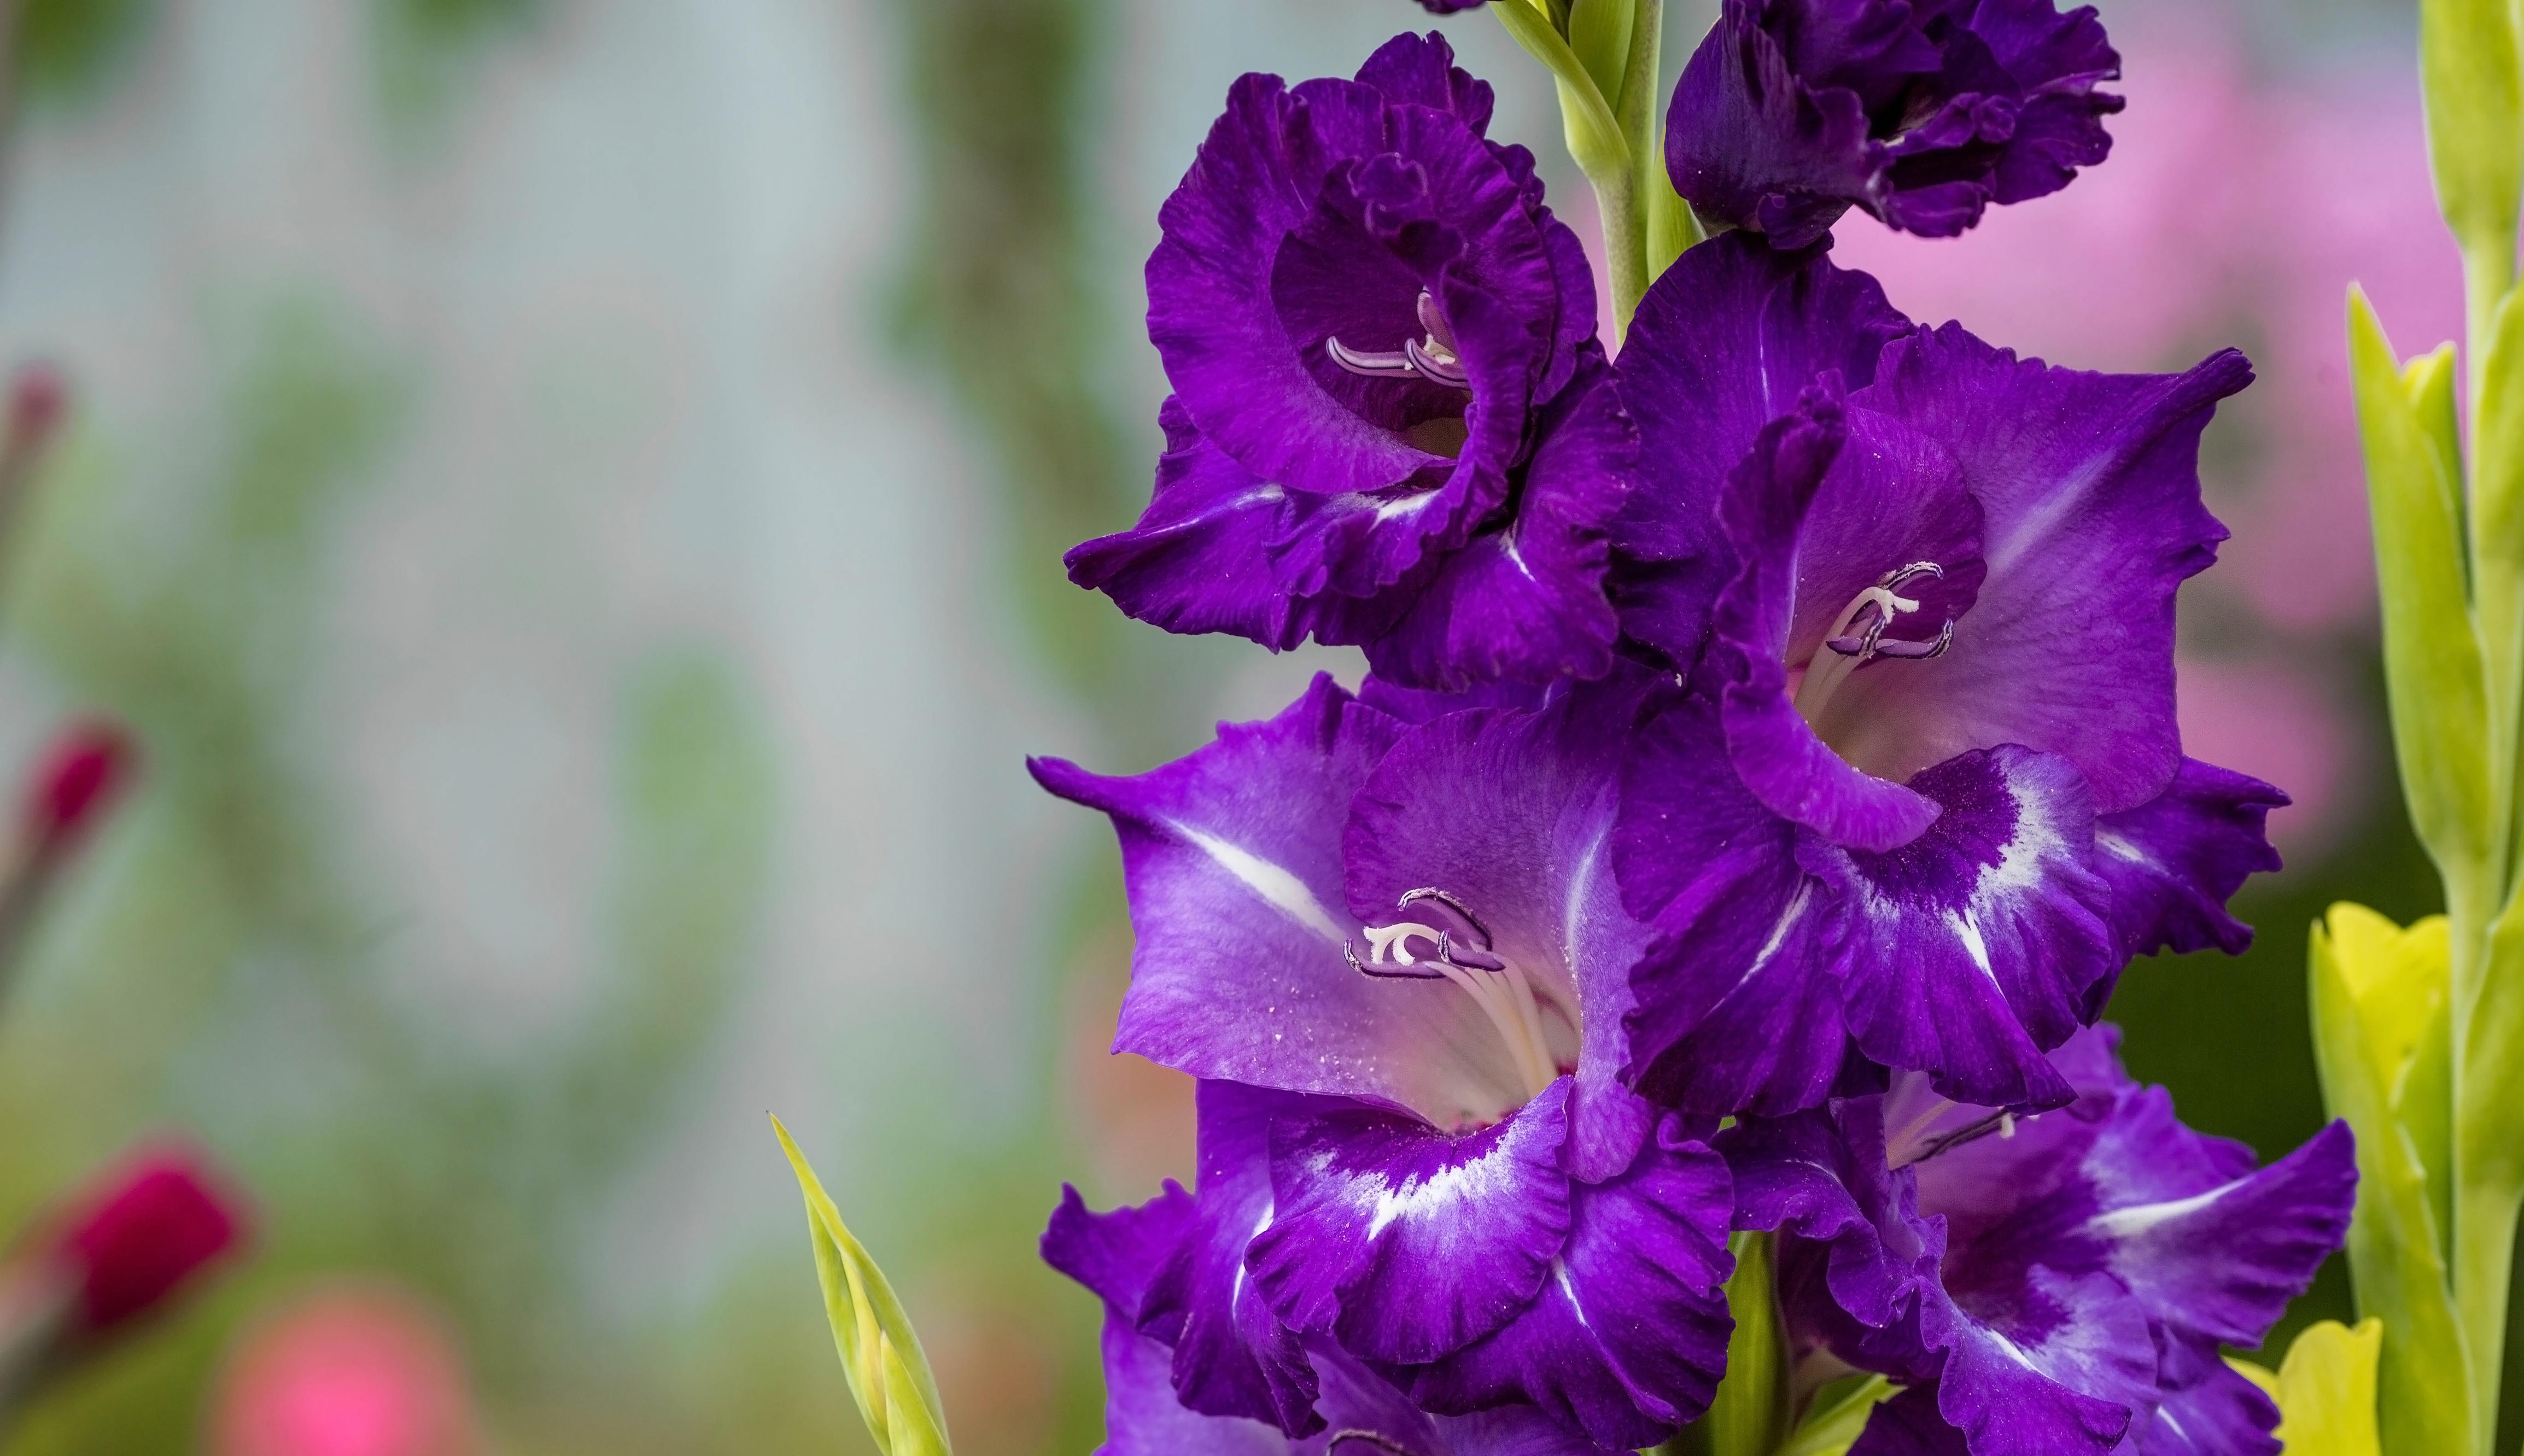 Deep purple gladioli flowers